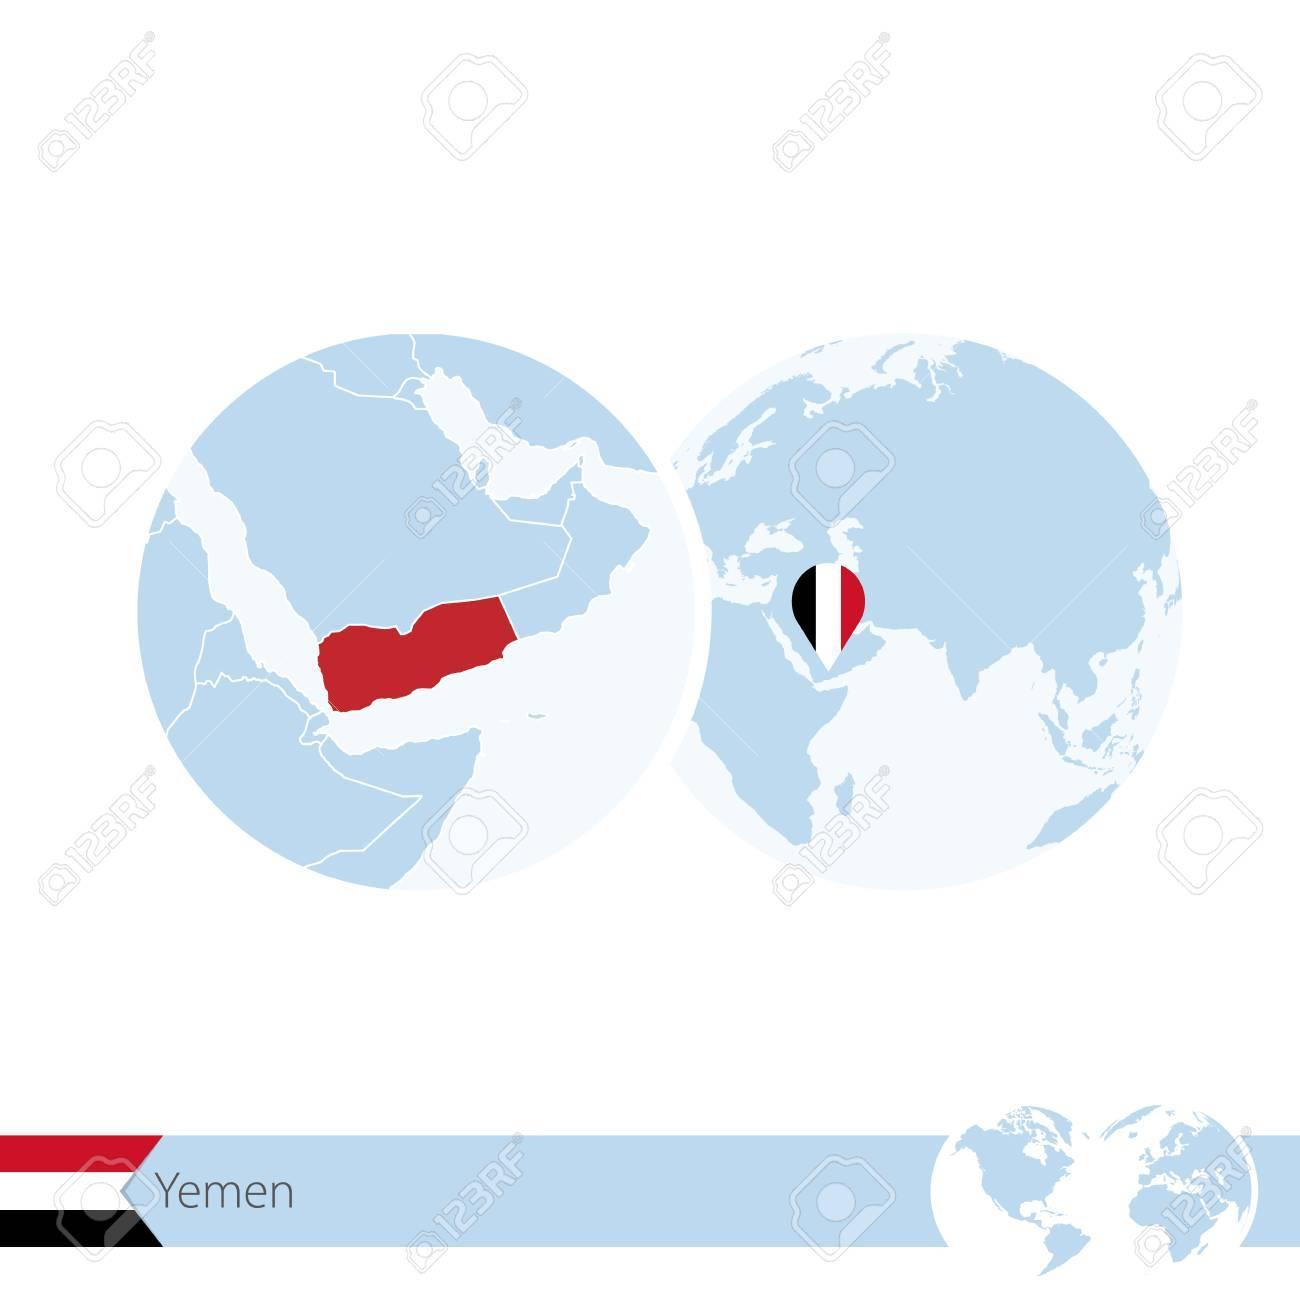 Yemen on world globe with flag and regional map of yemen vector yemen on world globe with flag and regional map of yemen vector illustration foto gumiabroncs Choice Image